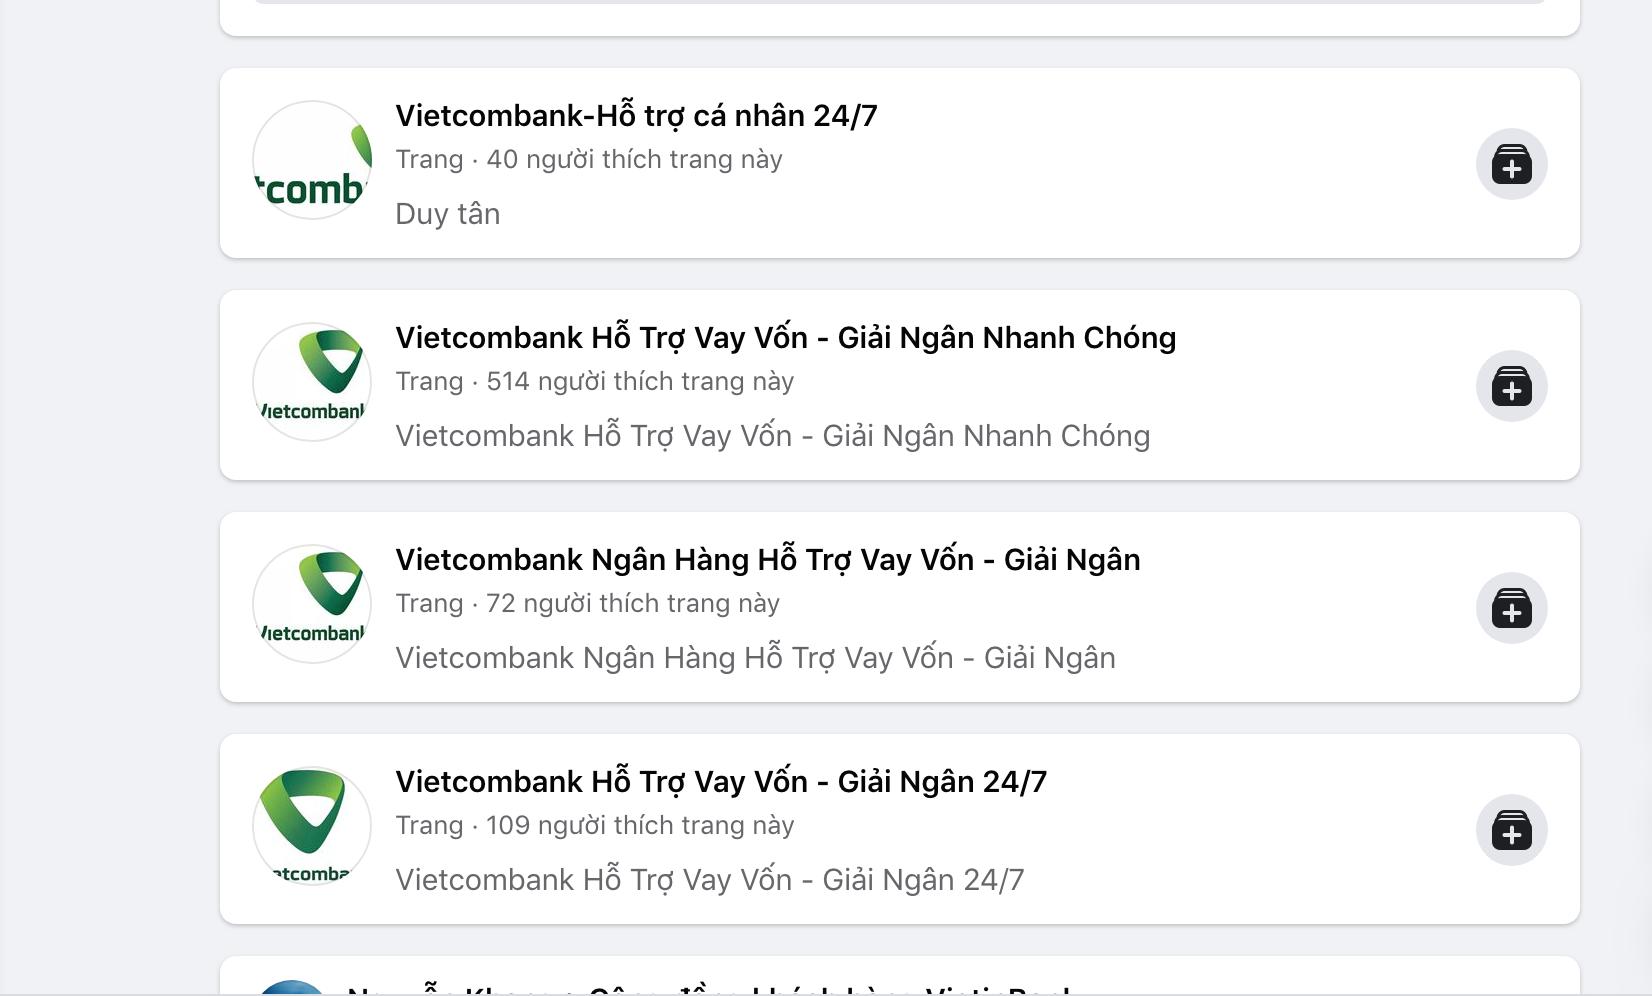 Xuất hiện hàng loạt Fanpage giả mạo Vietcombank mời chào vay vốn